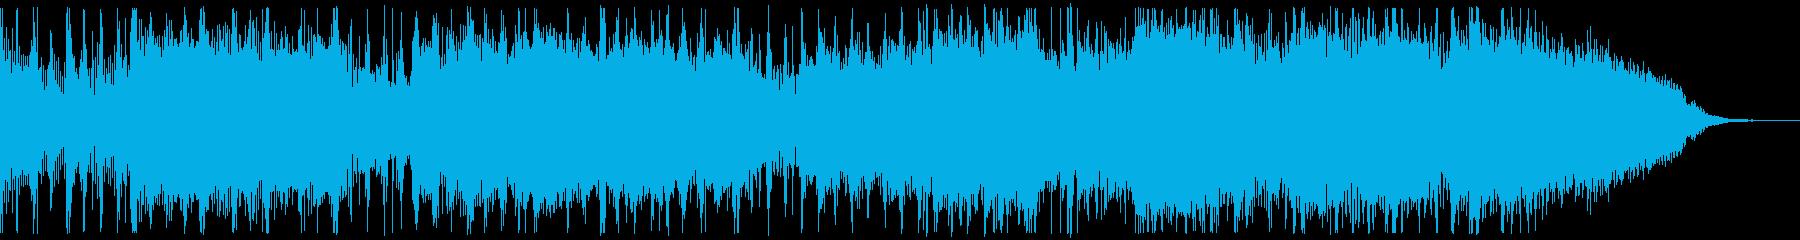 バンド系のロックの再生済みの波形